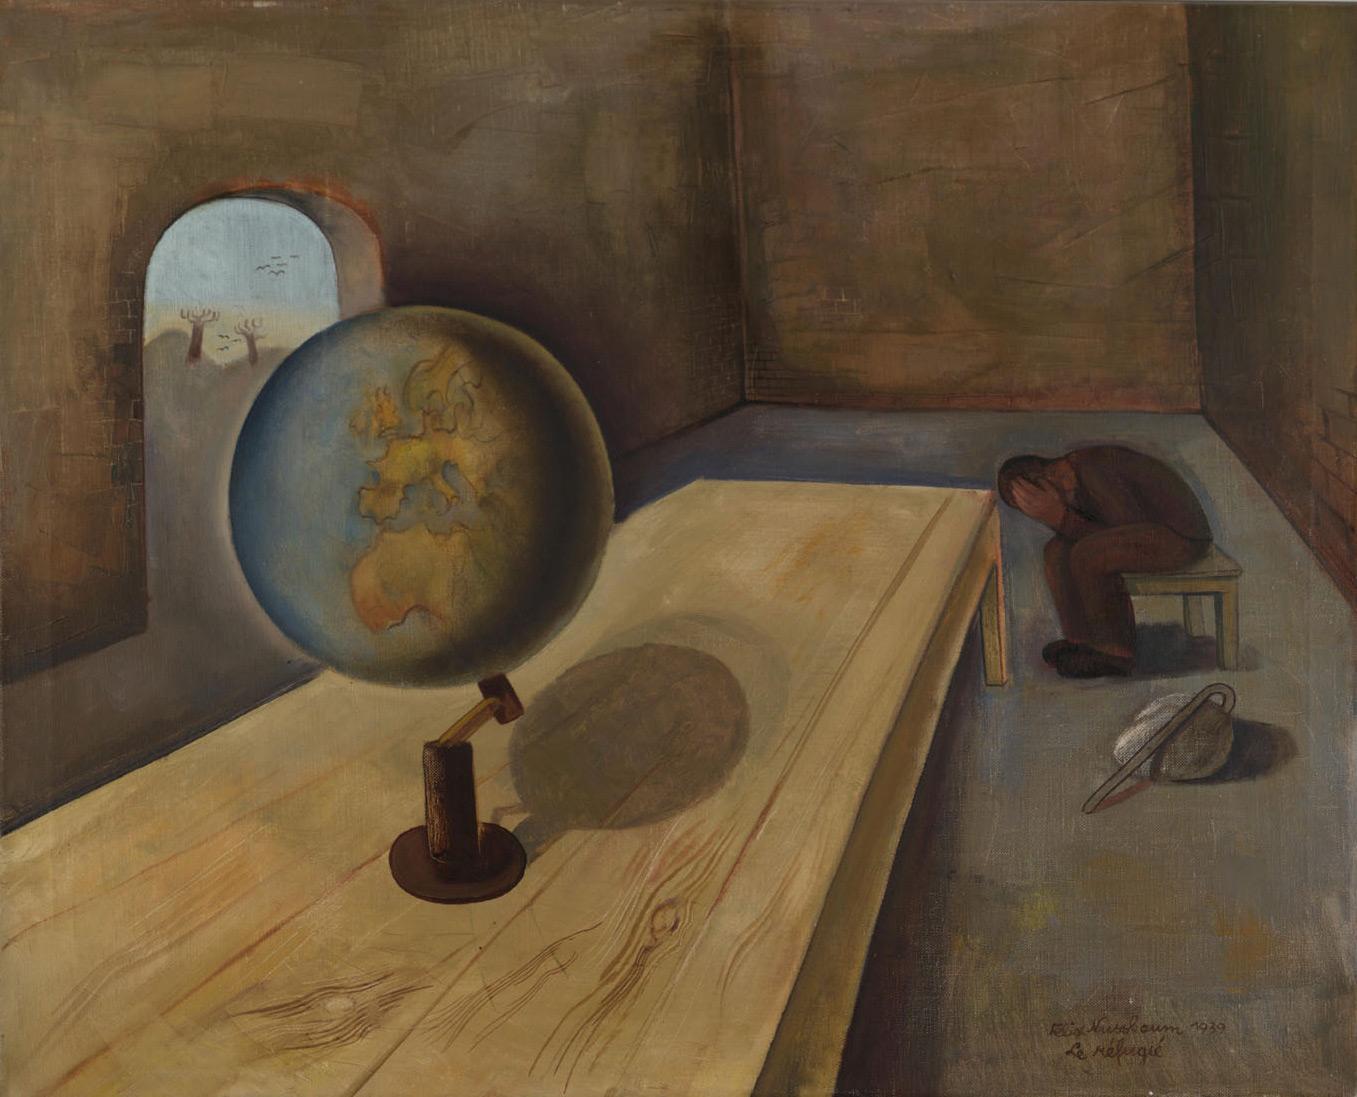 14 Felix Nussbaum. The refugee. 1939.